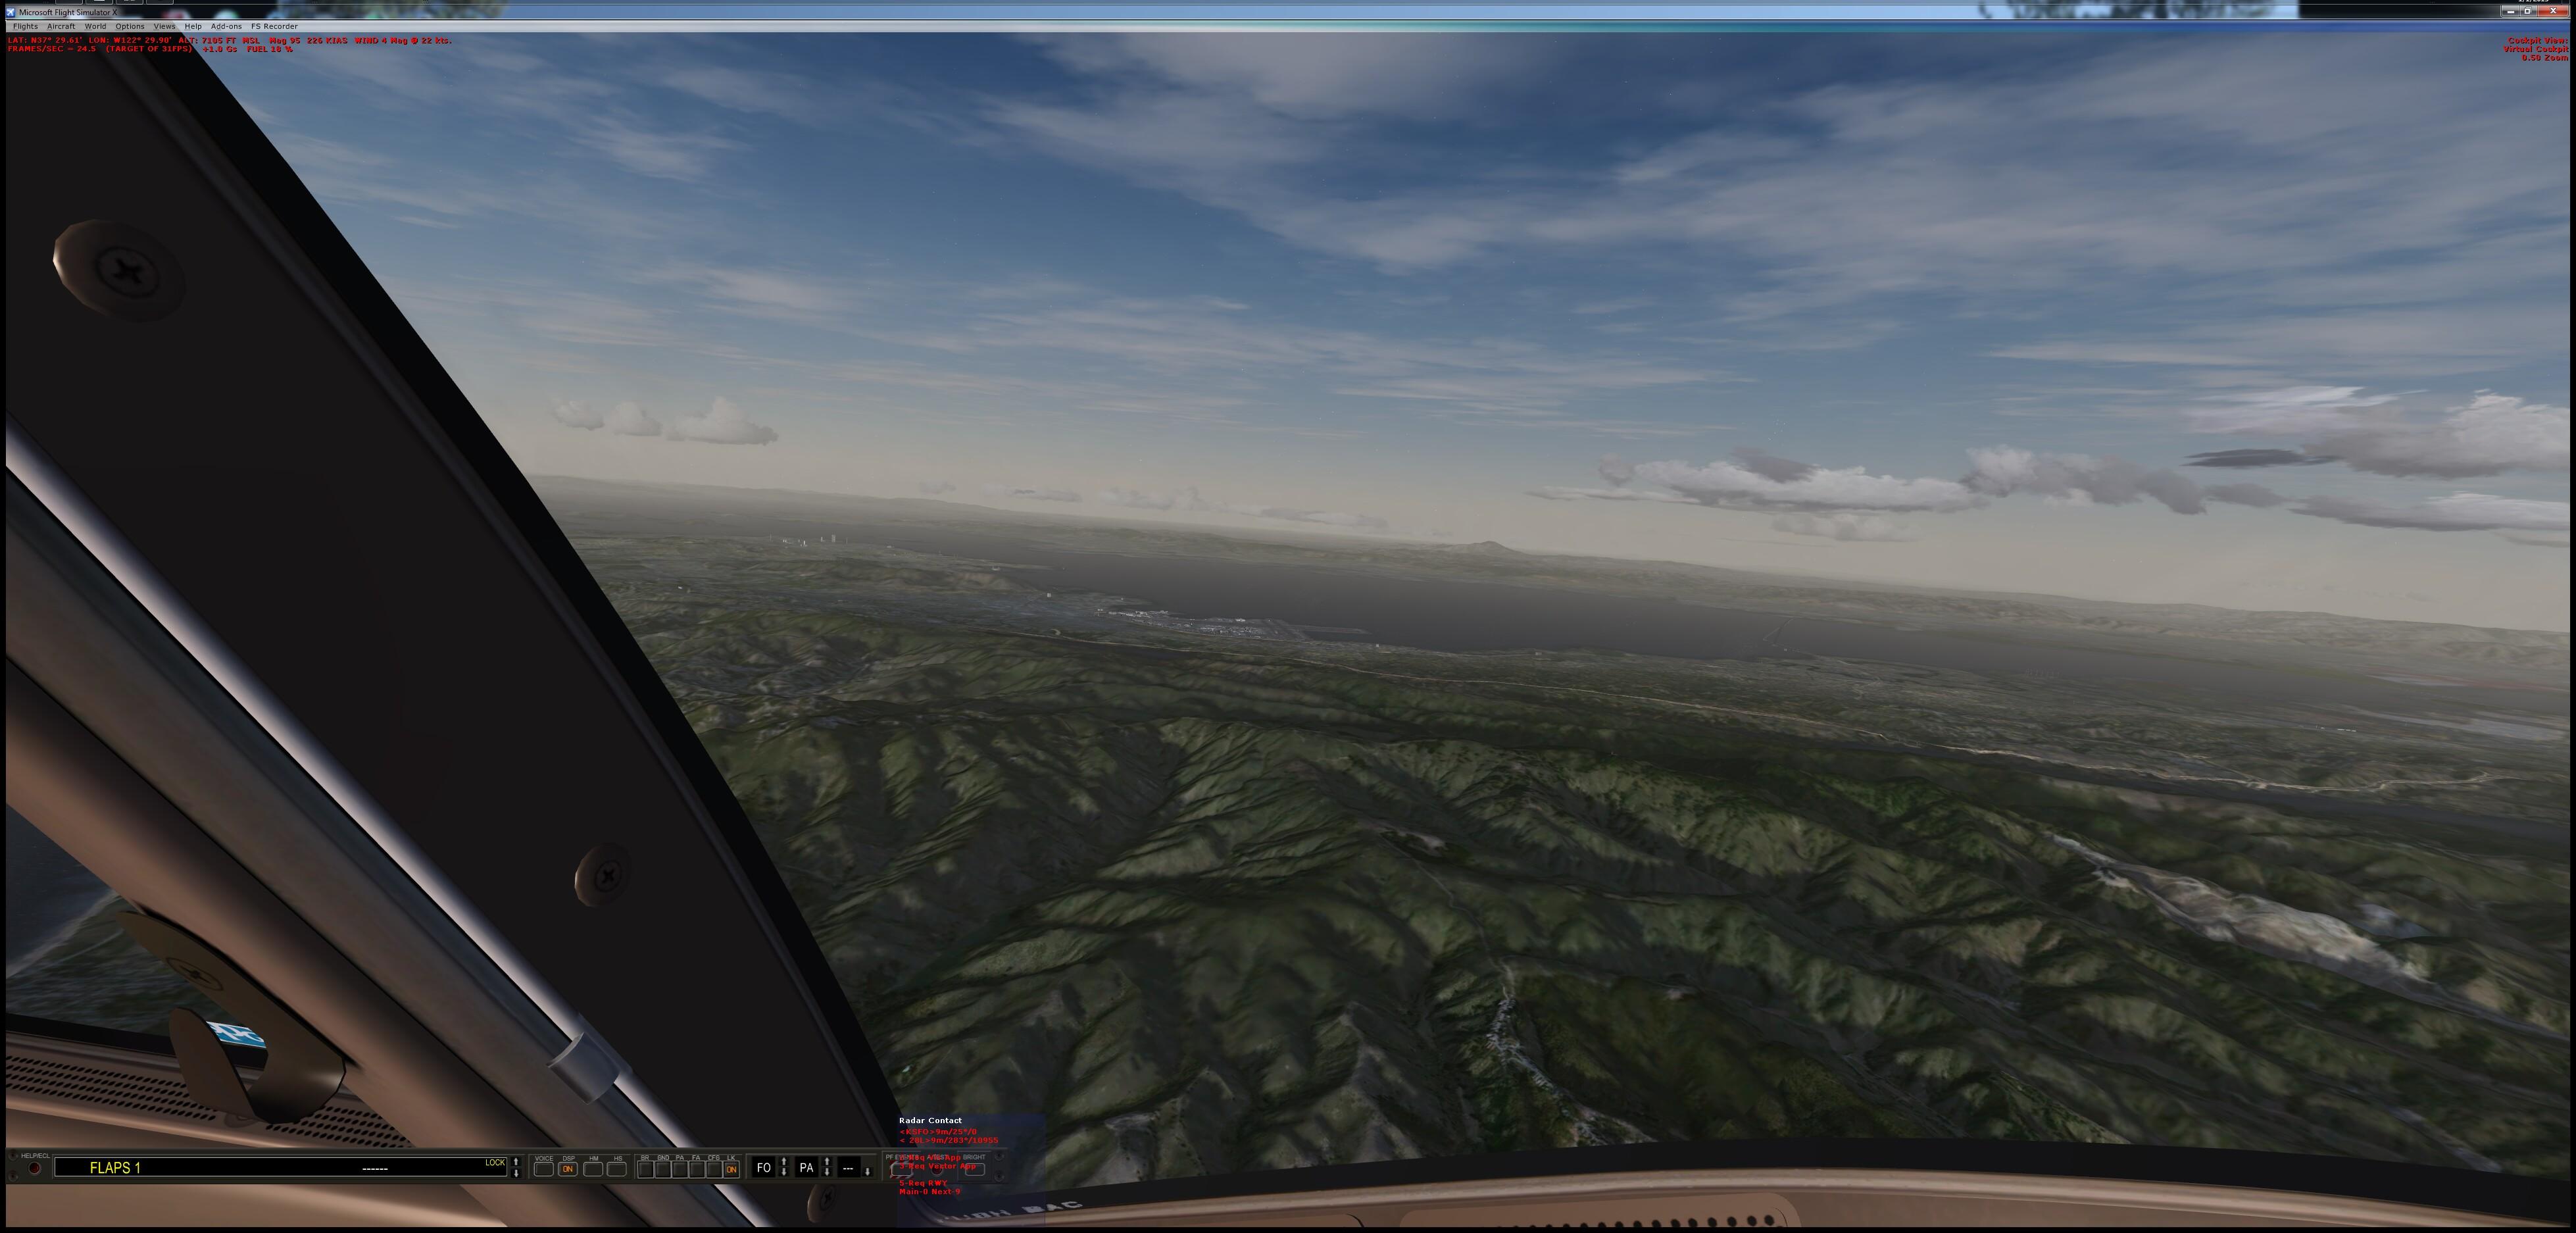 ScreenshotsRJTT-KSFO-23.jpg